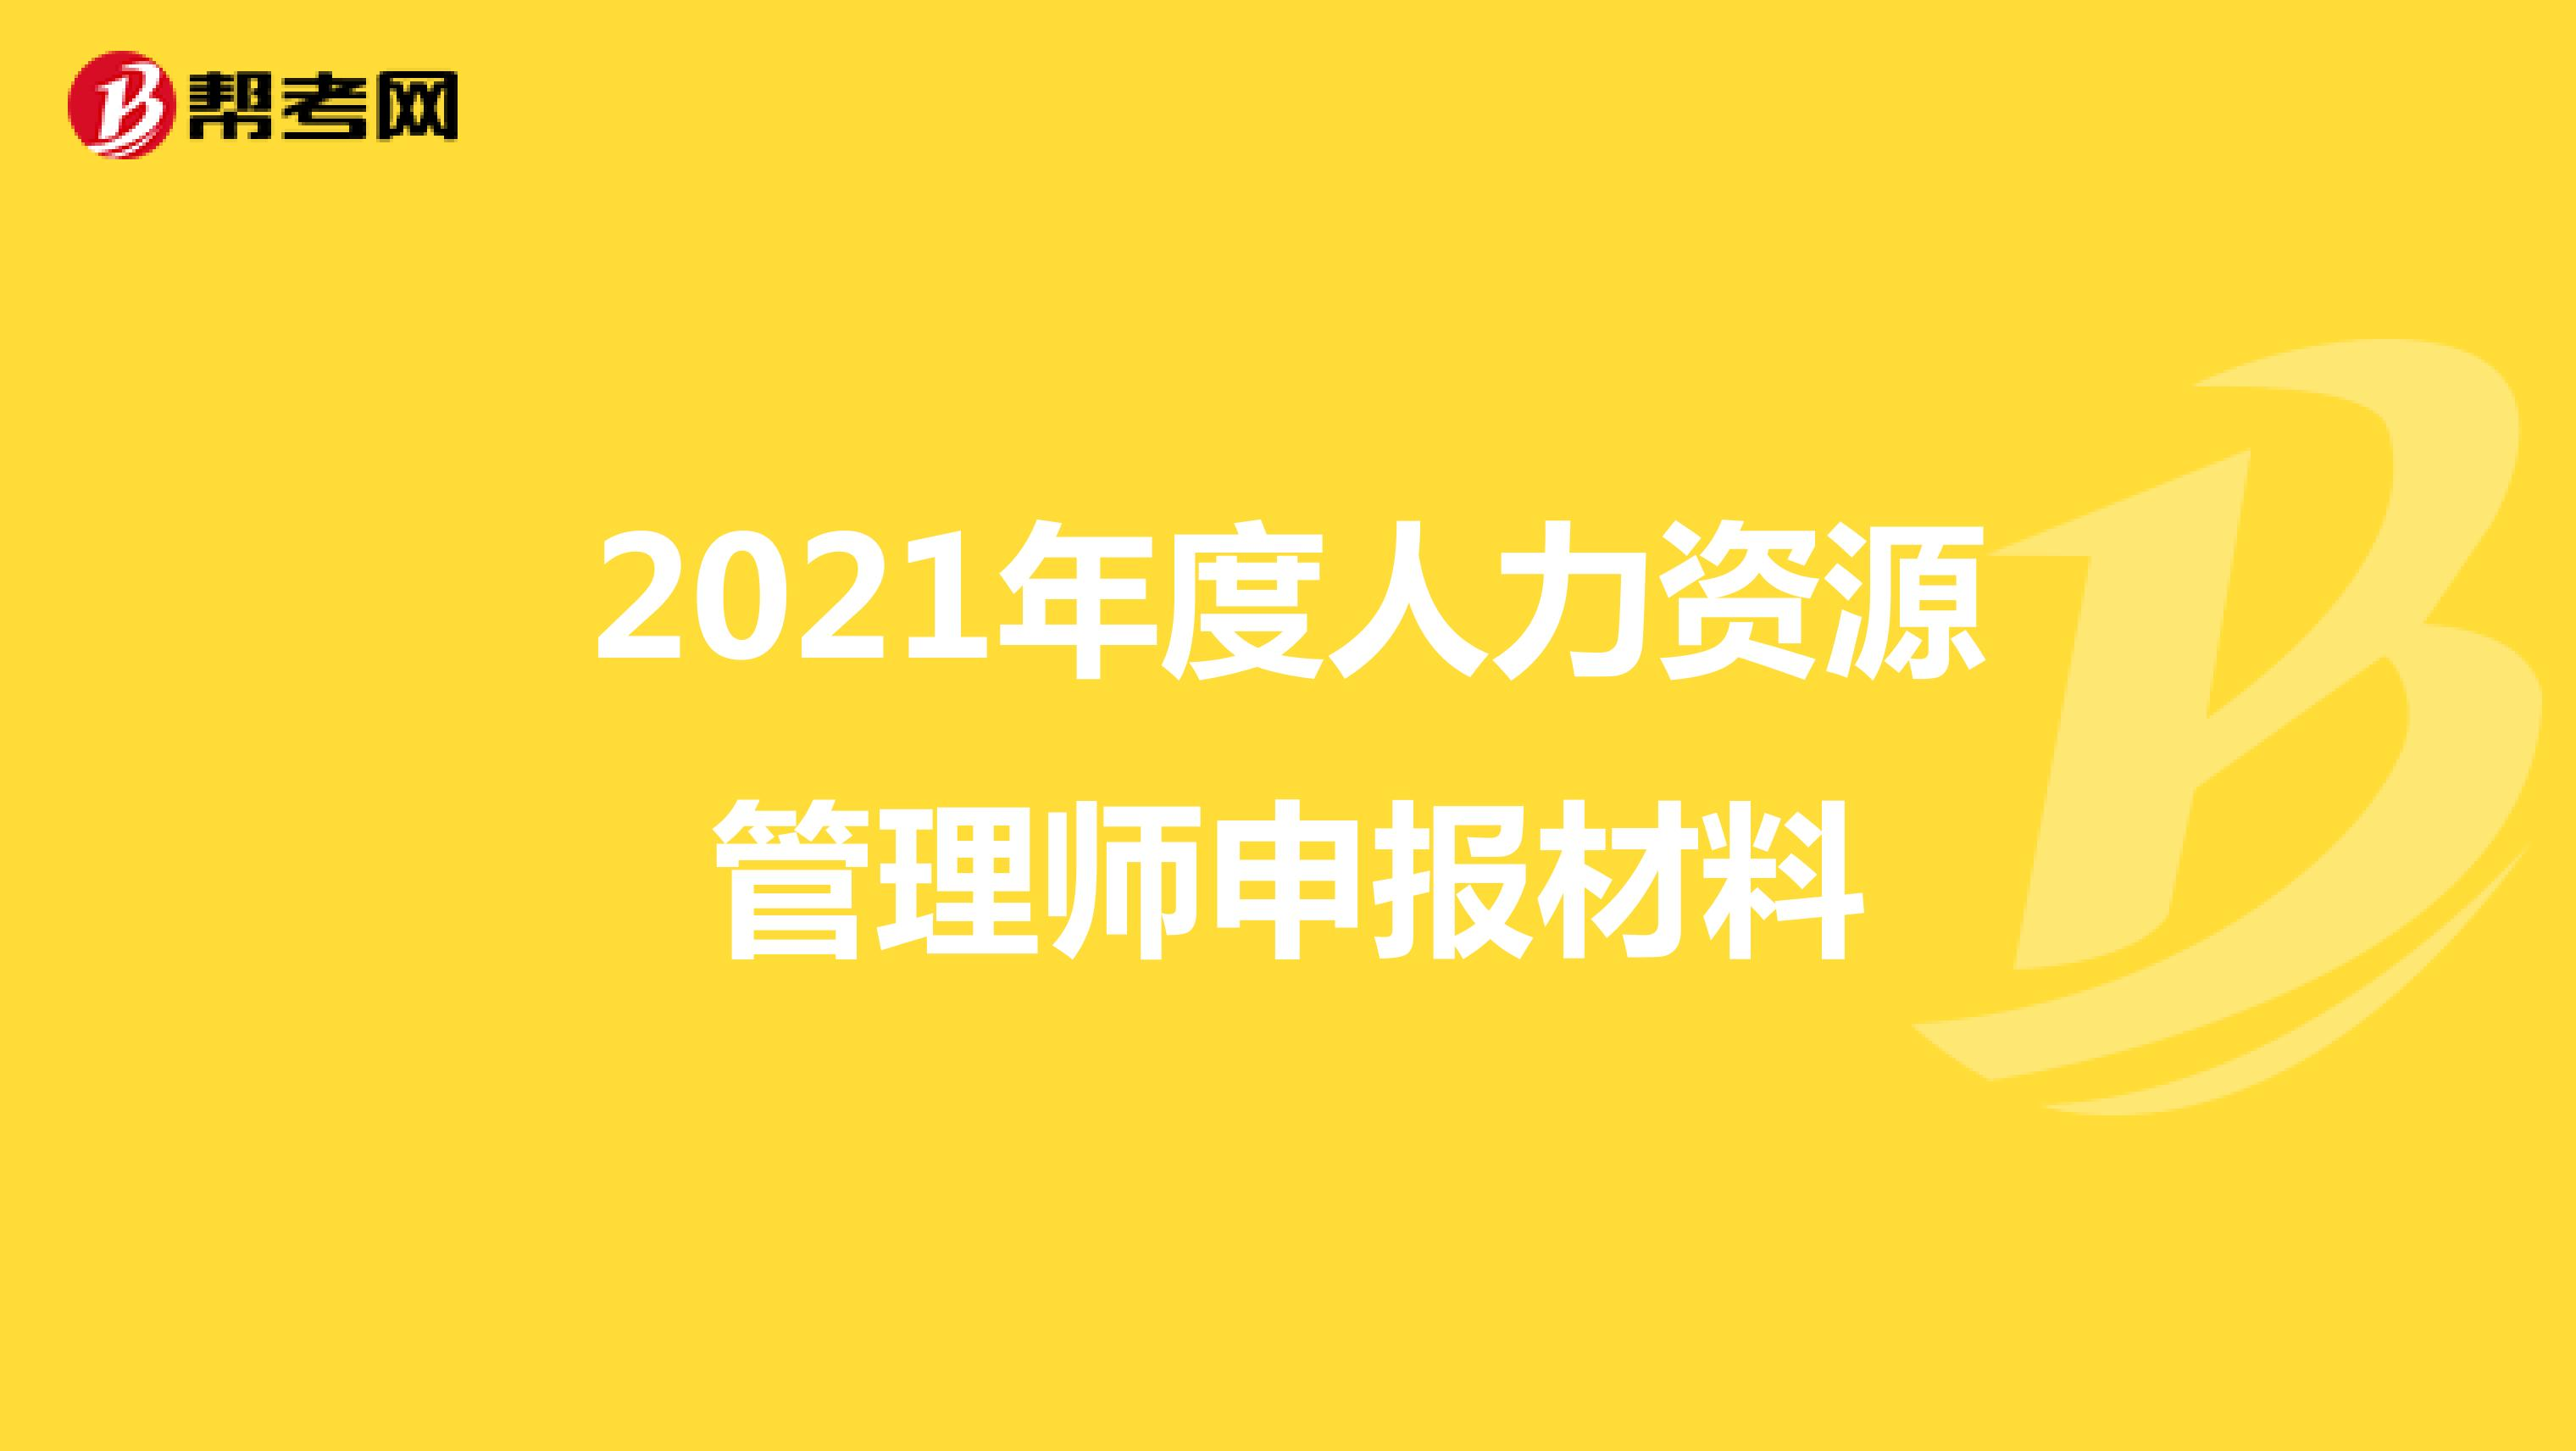 2021年度人力资源管理师申报材料